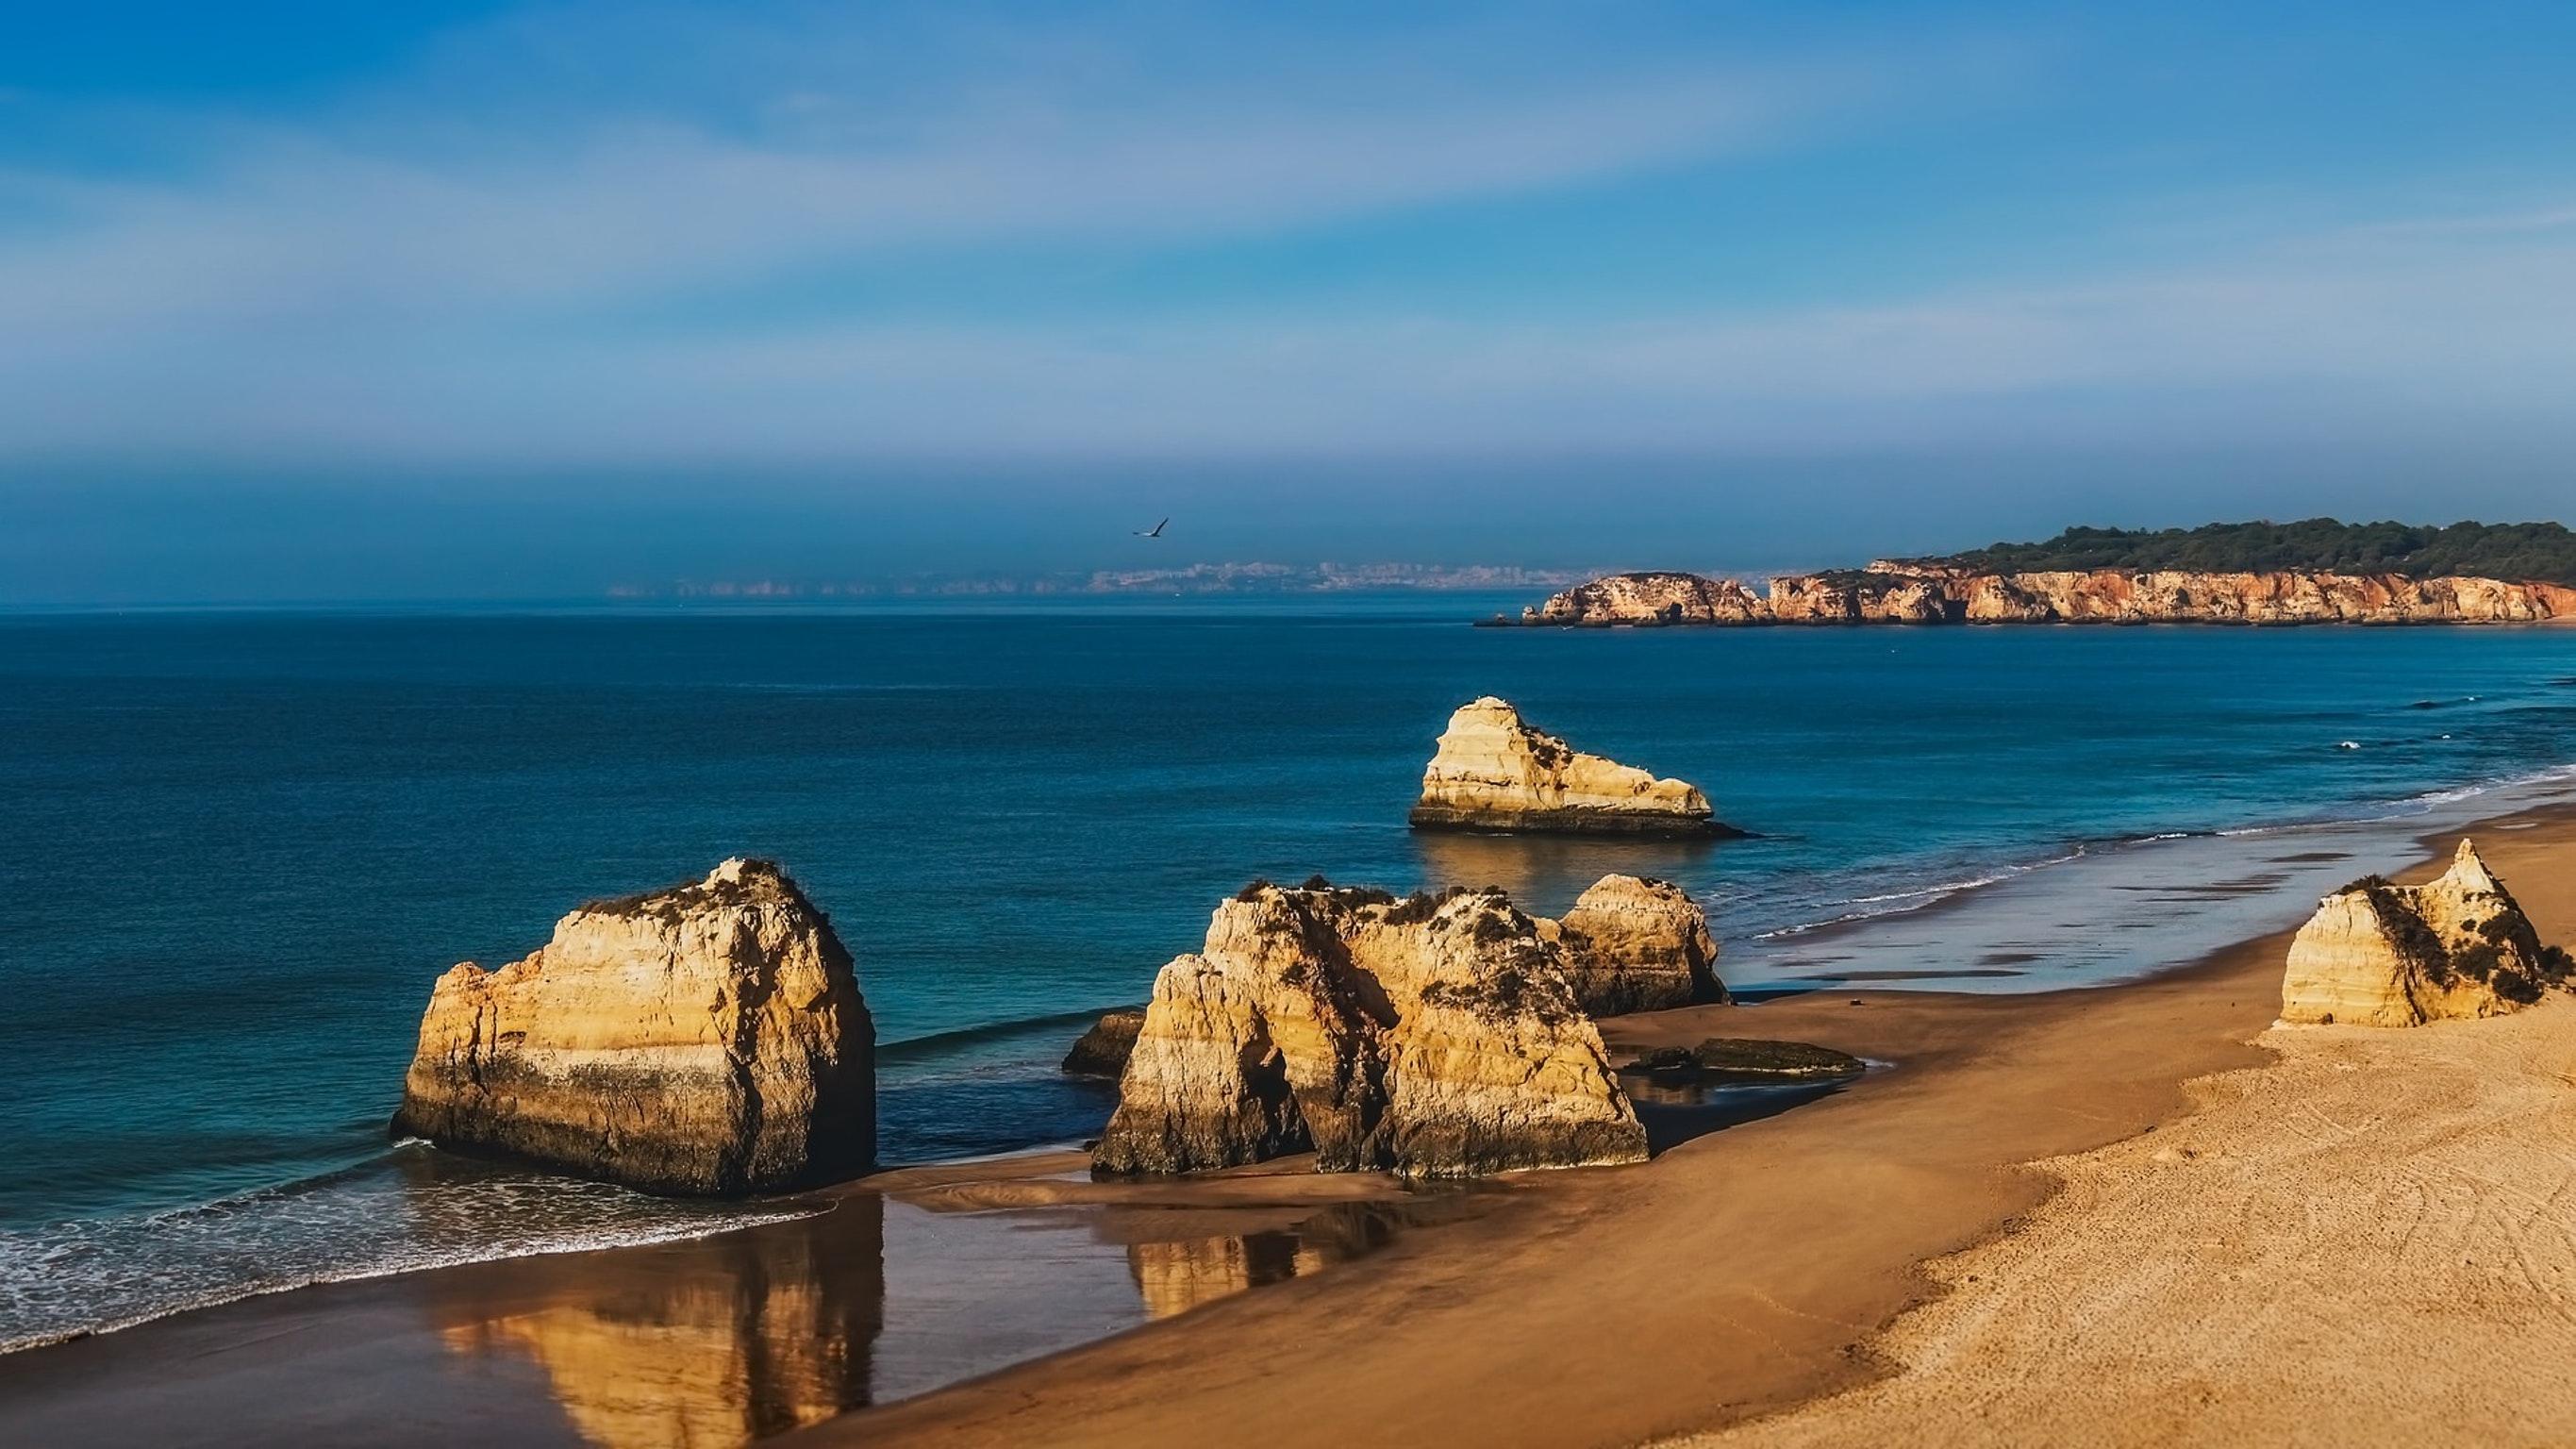 Ferienwohnung Wohnung mit 2 Schlafzimmern in Parchal mit Pool, Balkon und W-LAN - 1 km vom Strand entfer (2622202), Parchal, , Algarve, Portugal, Bild 20